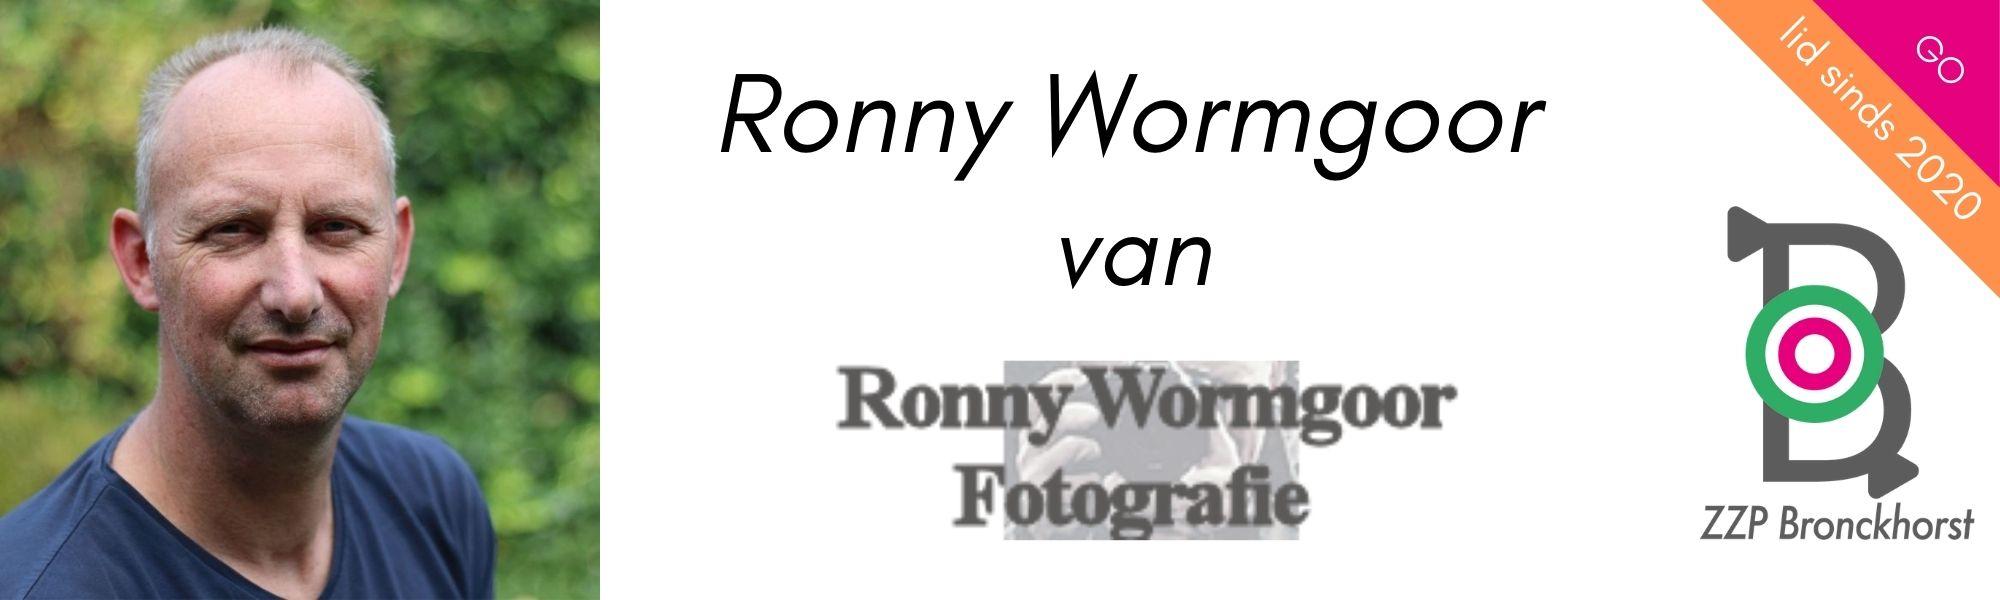 fotograaf-keijenborg-ronny-wormgoor-fotografie